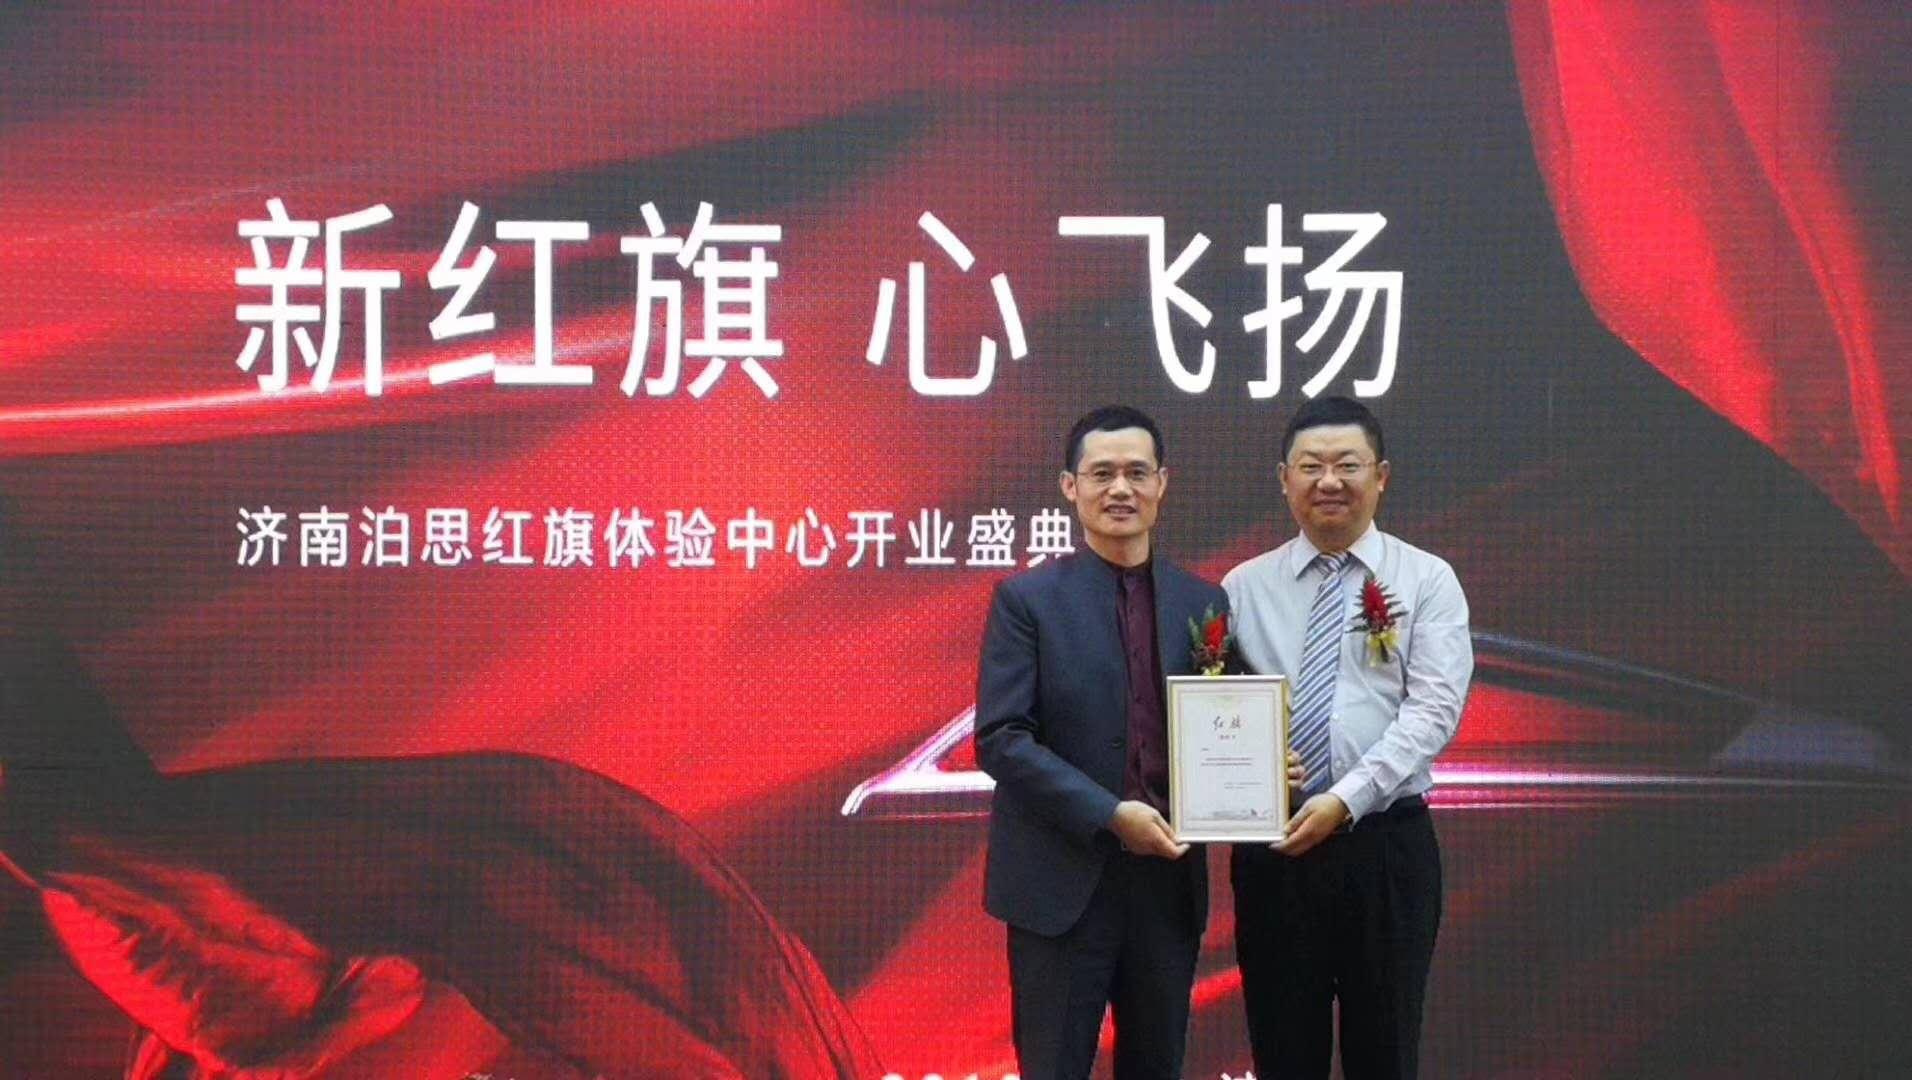 网红济南泊思红旗体验中心盛大开业